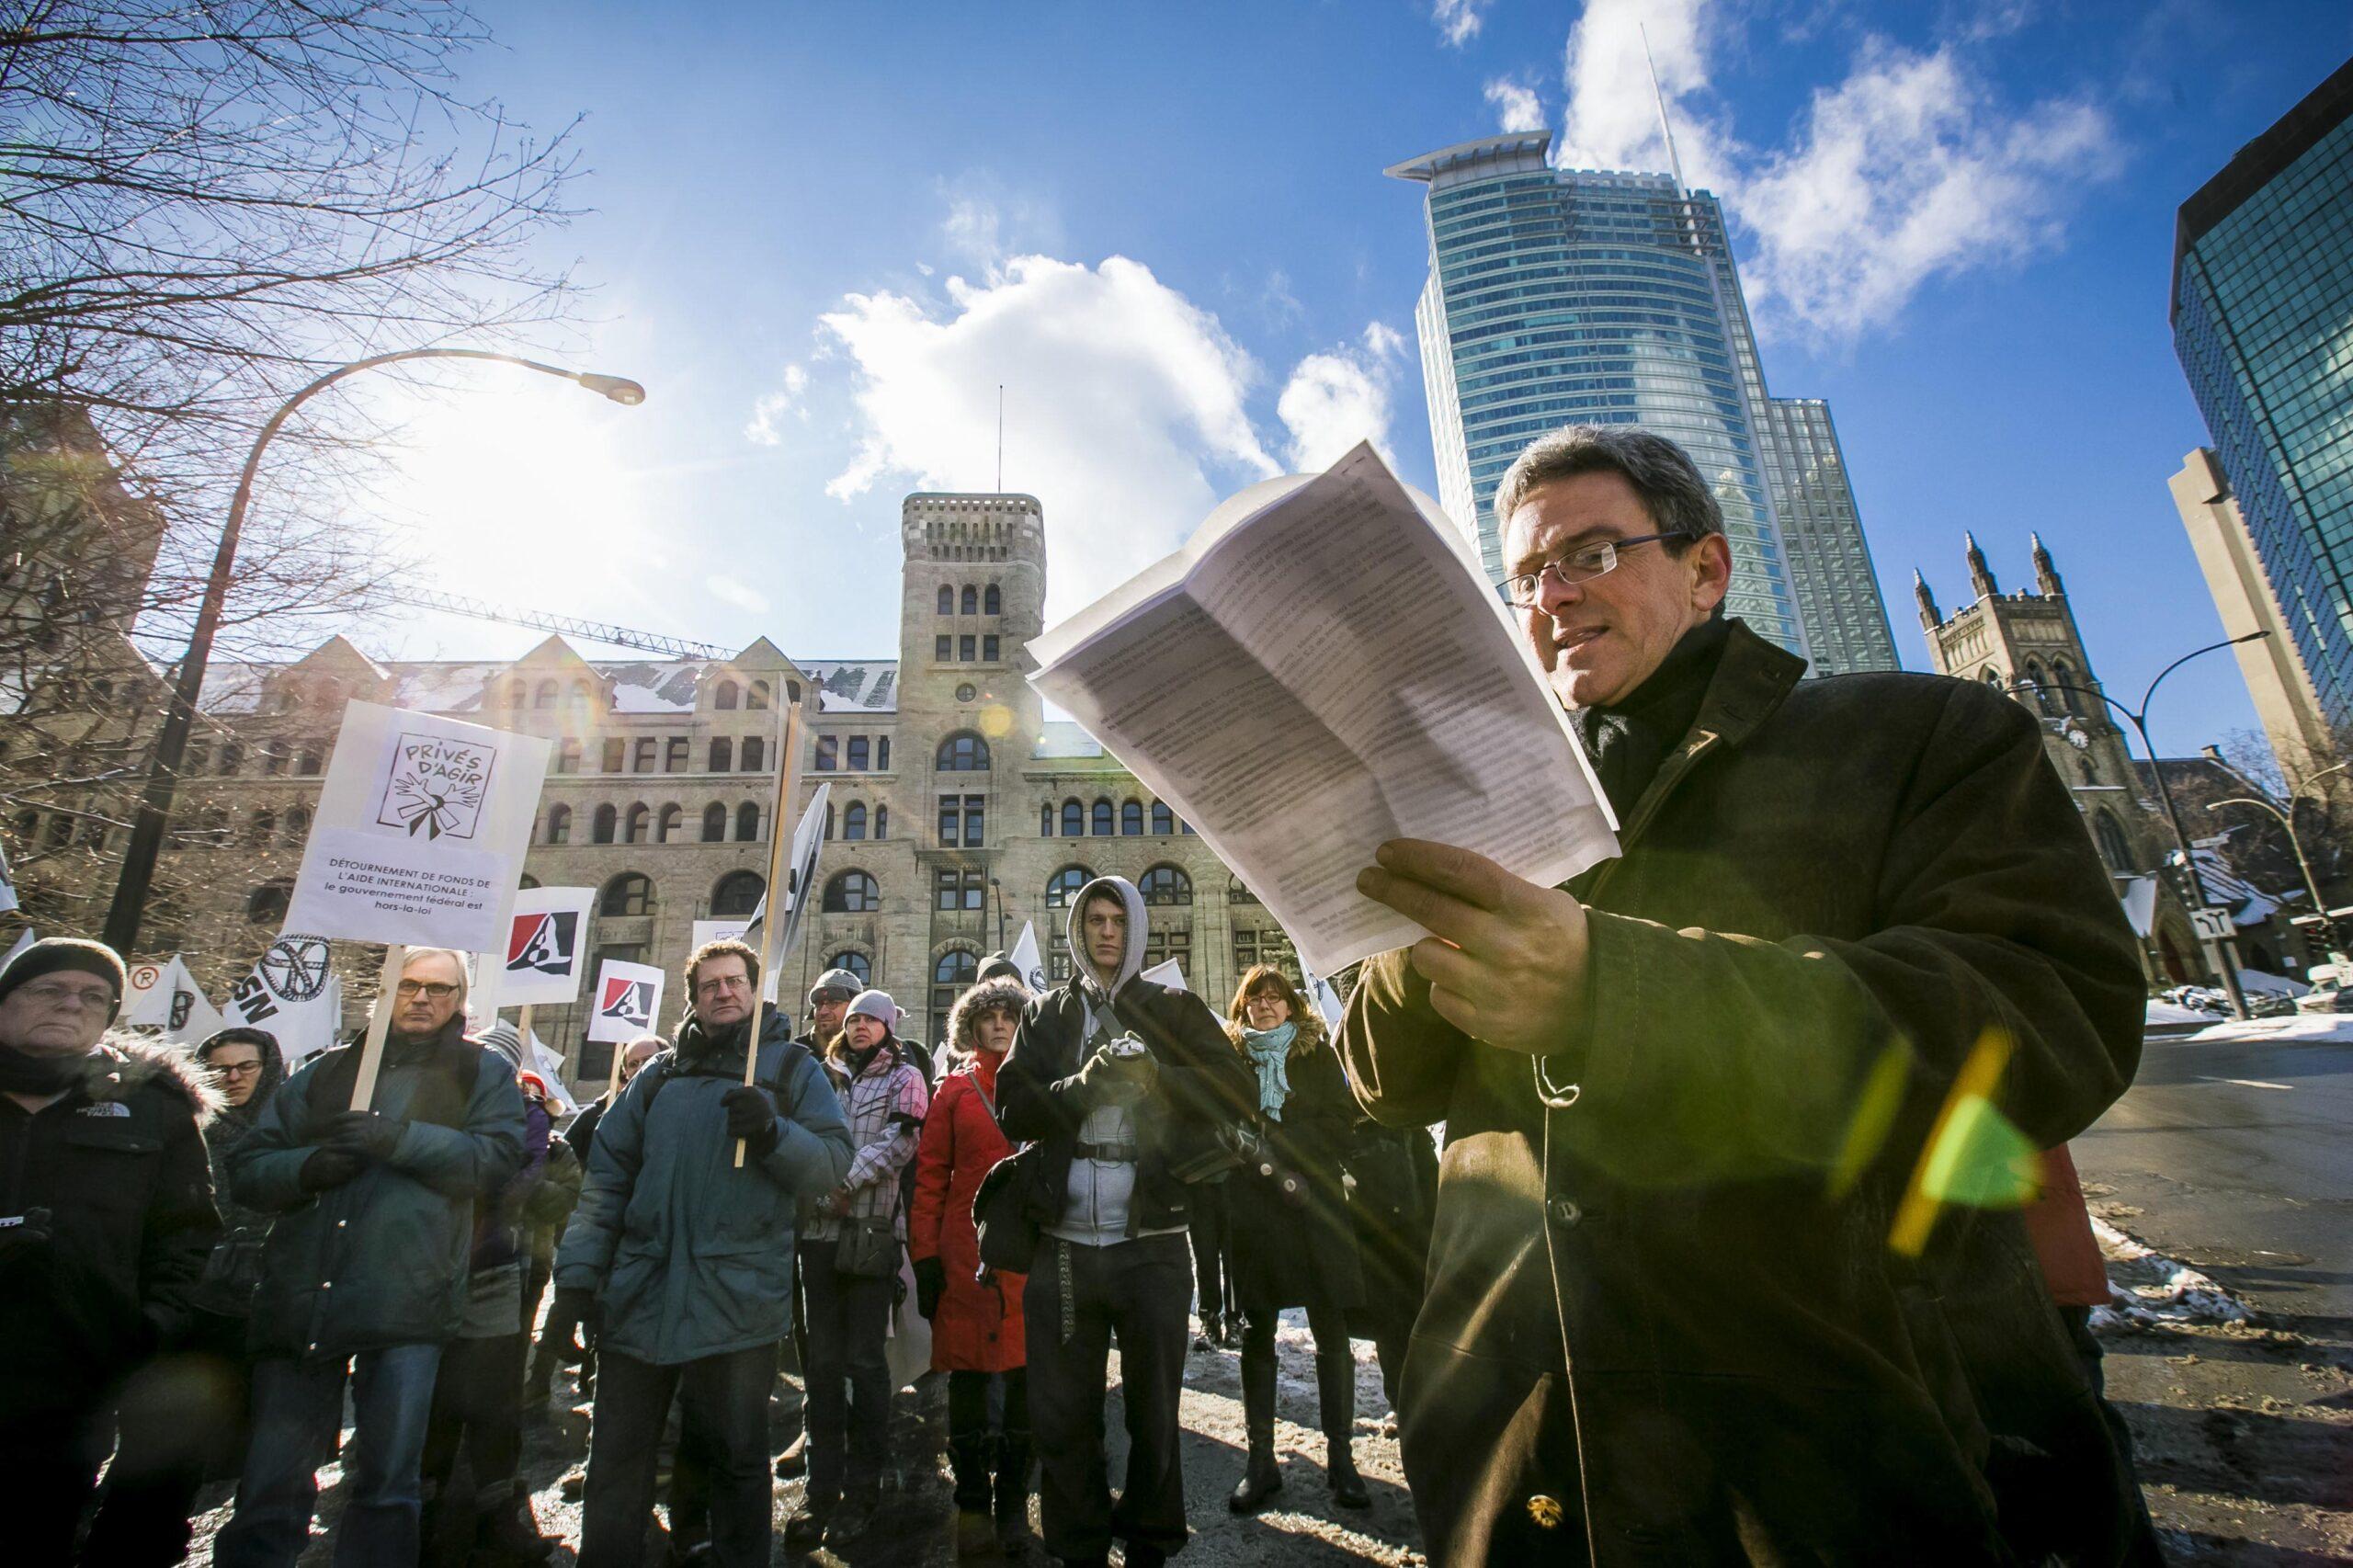 Marco Labrie, directeur CSI-Sherbrooke lors sa fervente allocution; Crédit photo : Carrefour de solidarité internationale par Jocelyn Riendeau